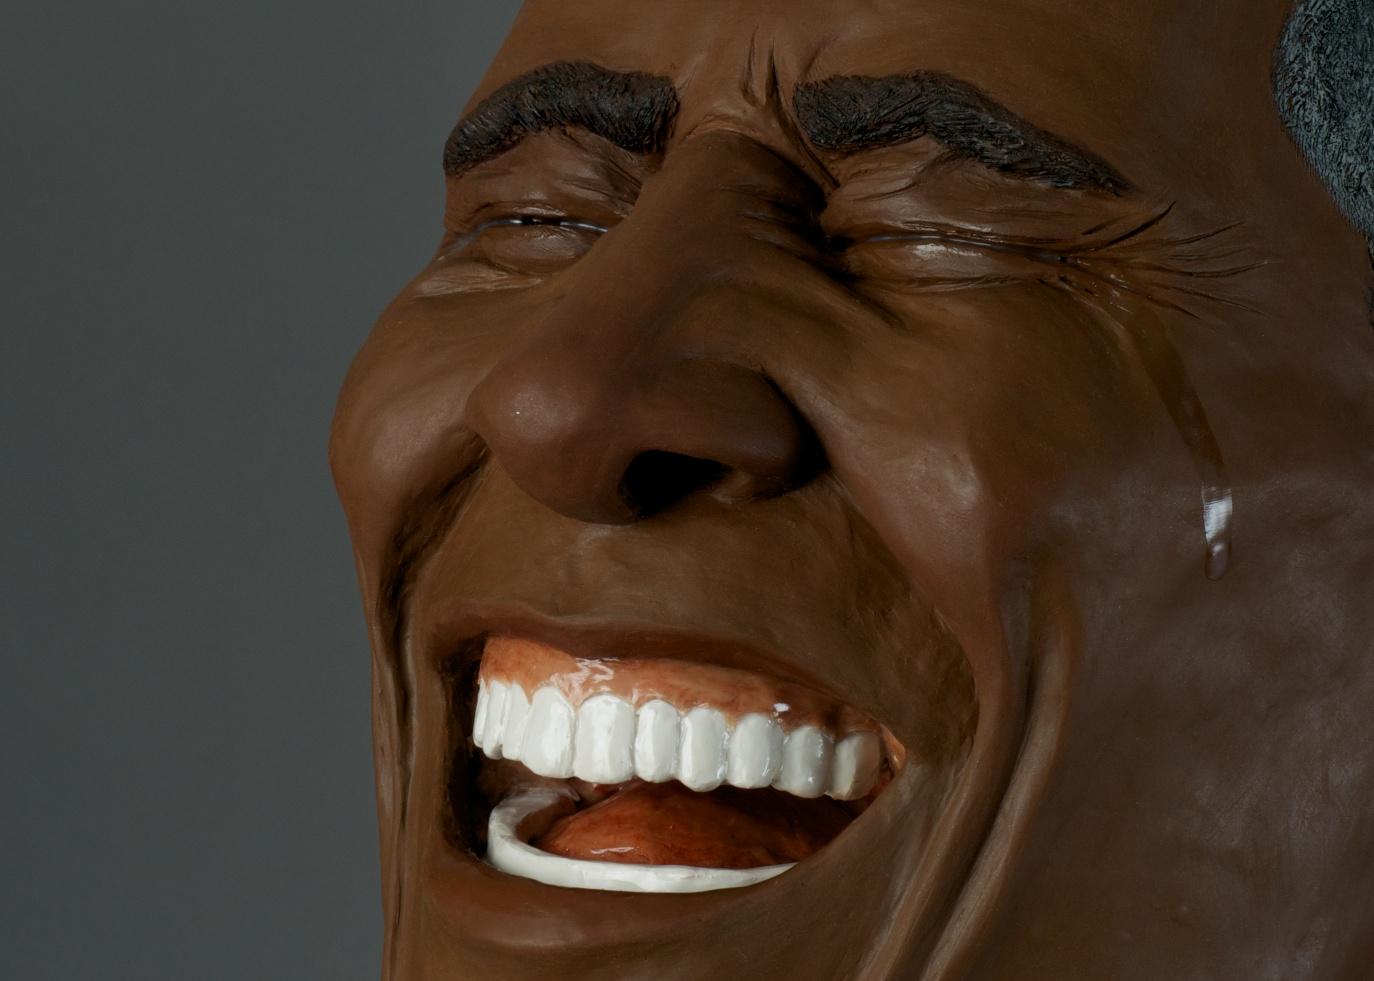 Barack_SM 3.jpg